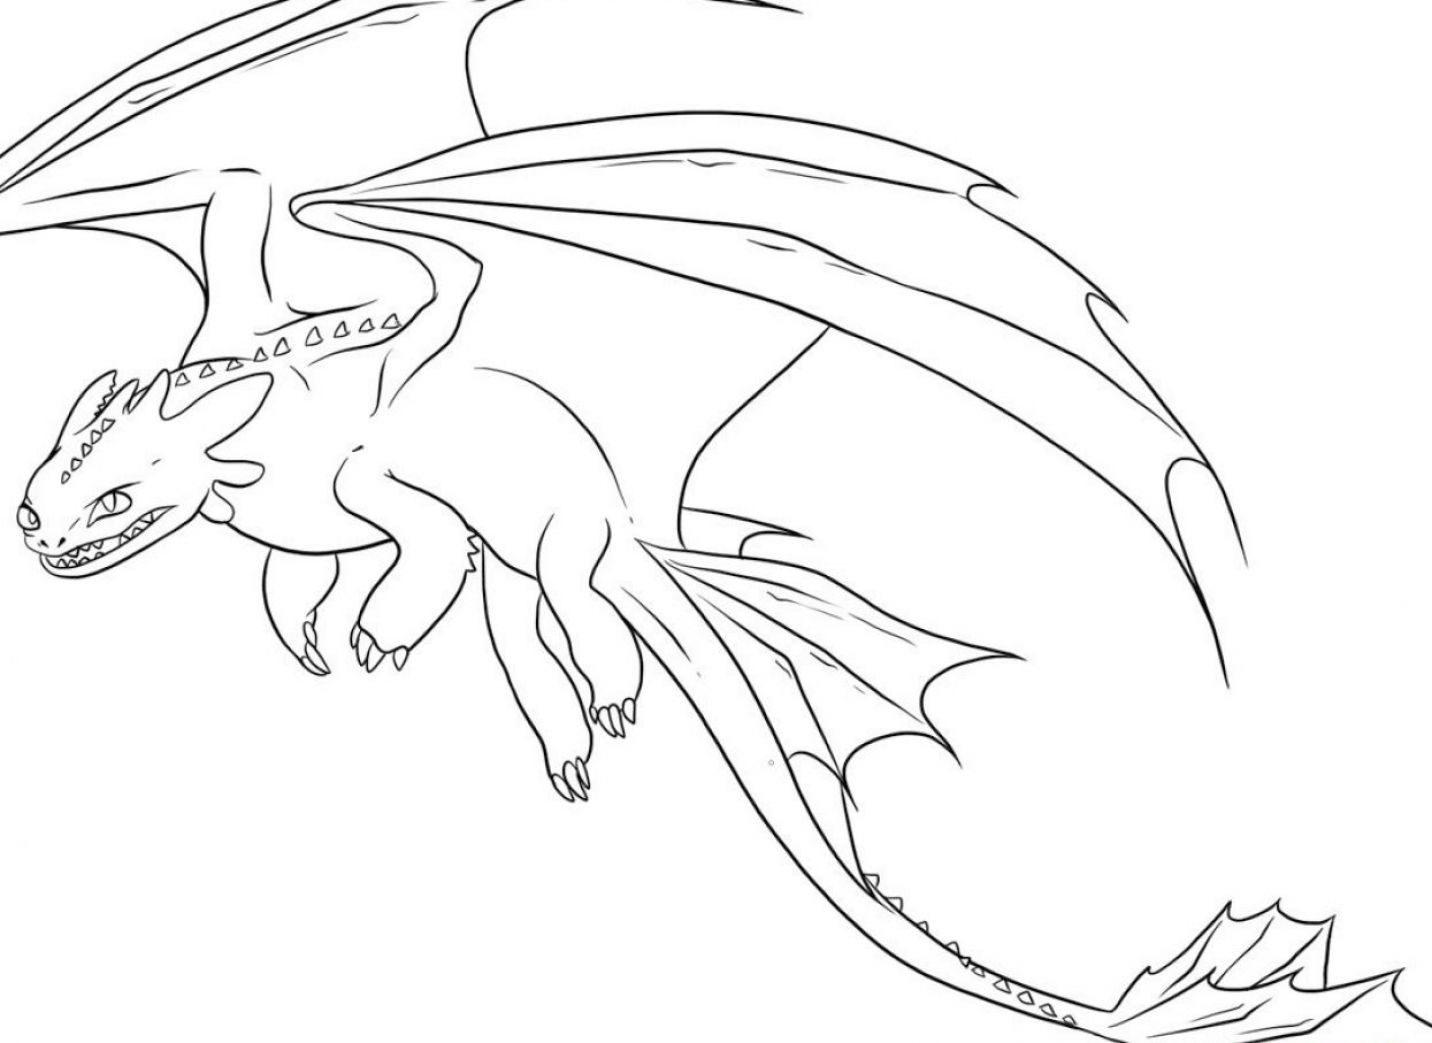 Galería de imágenes: Dibujos de dragones para colorear